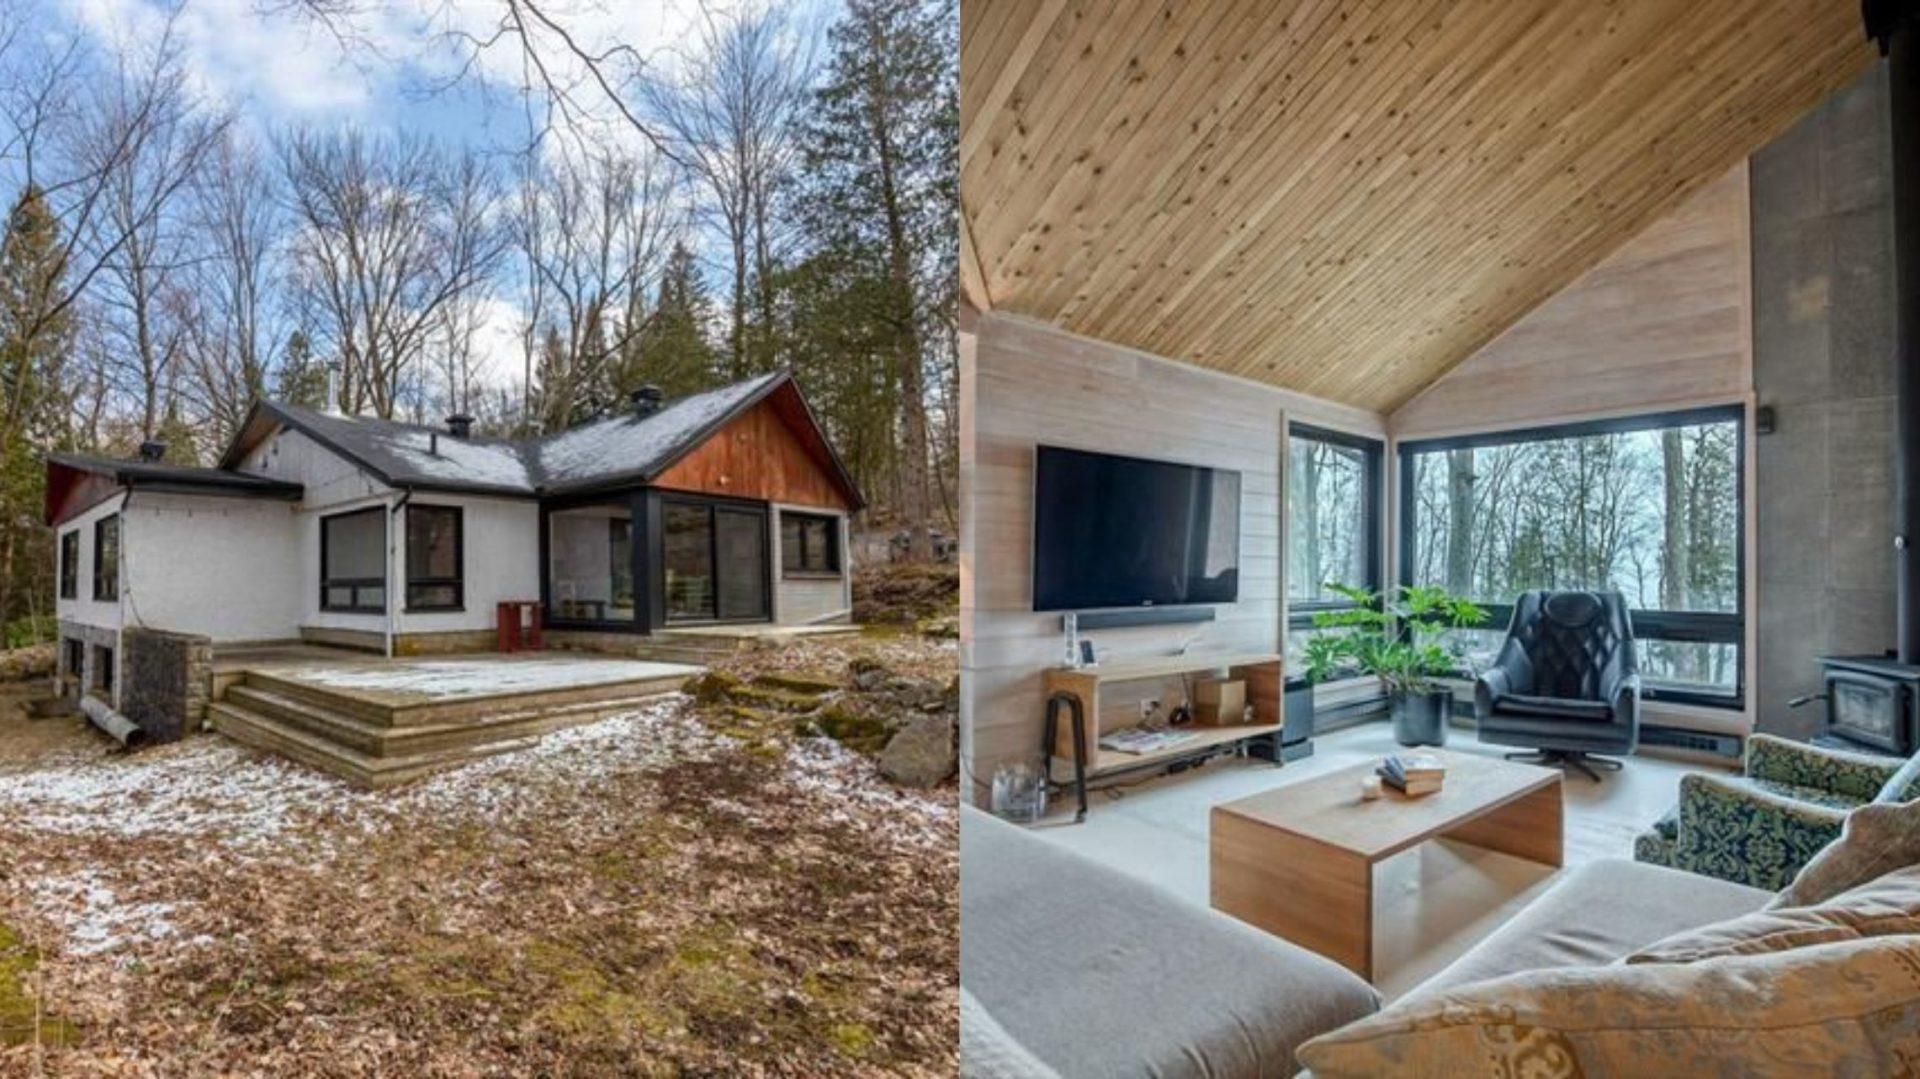 Coup de coeur pour le design moderne de cette superbe maison de Brome-Missisquoi! [PHOTOS]